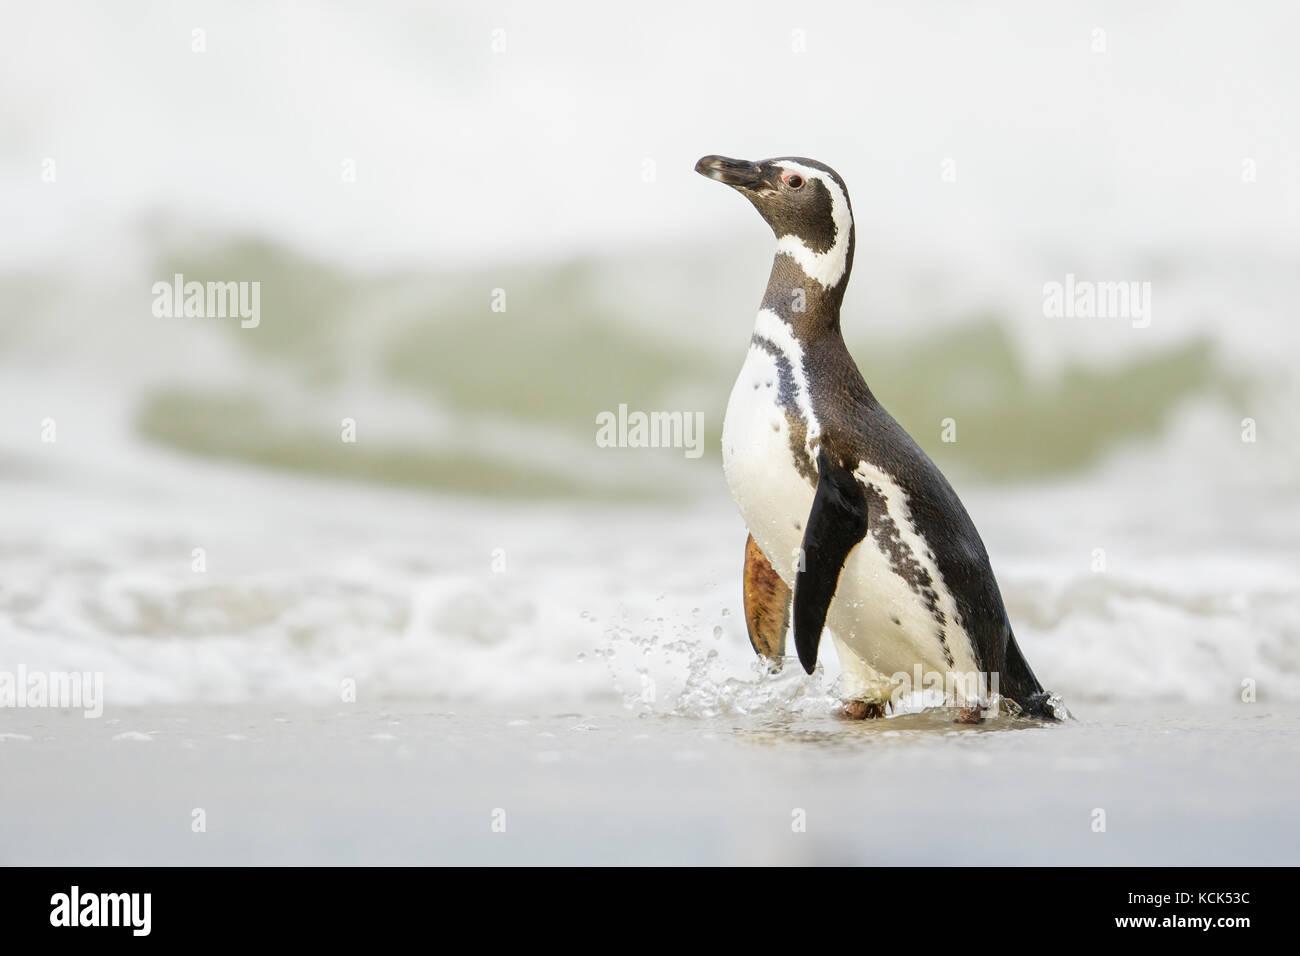 Magellanic Penguin (Spheniscus magellanicus) on a beach in the Falkland Islands. - Stock Image